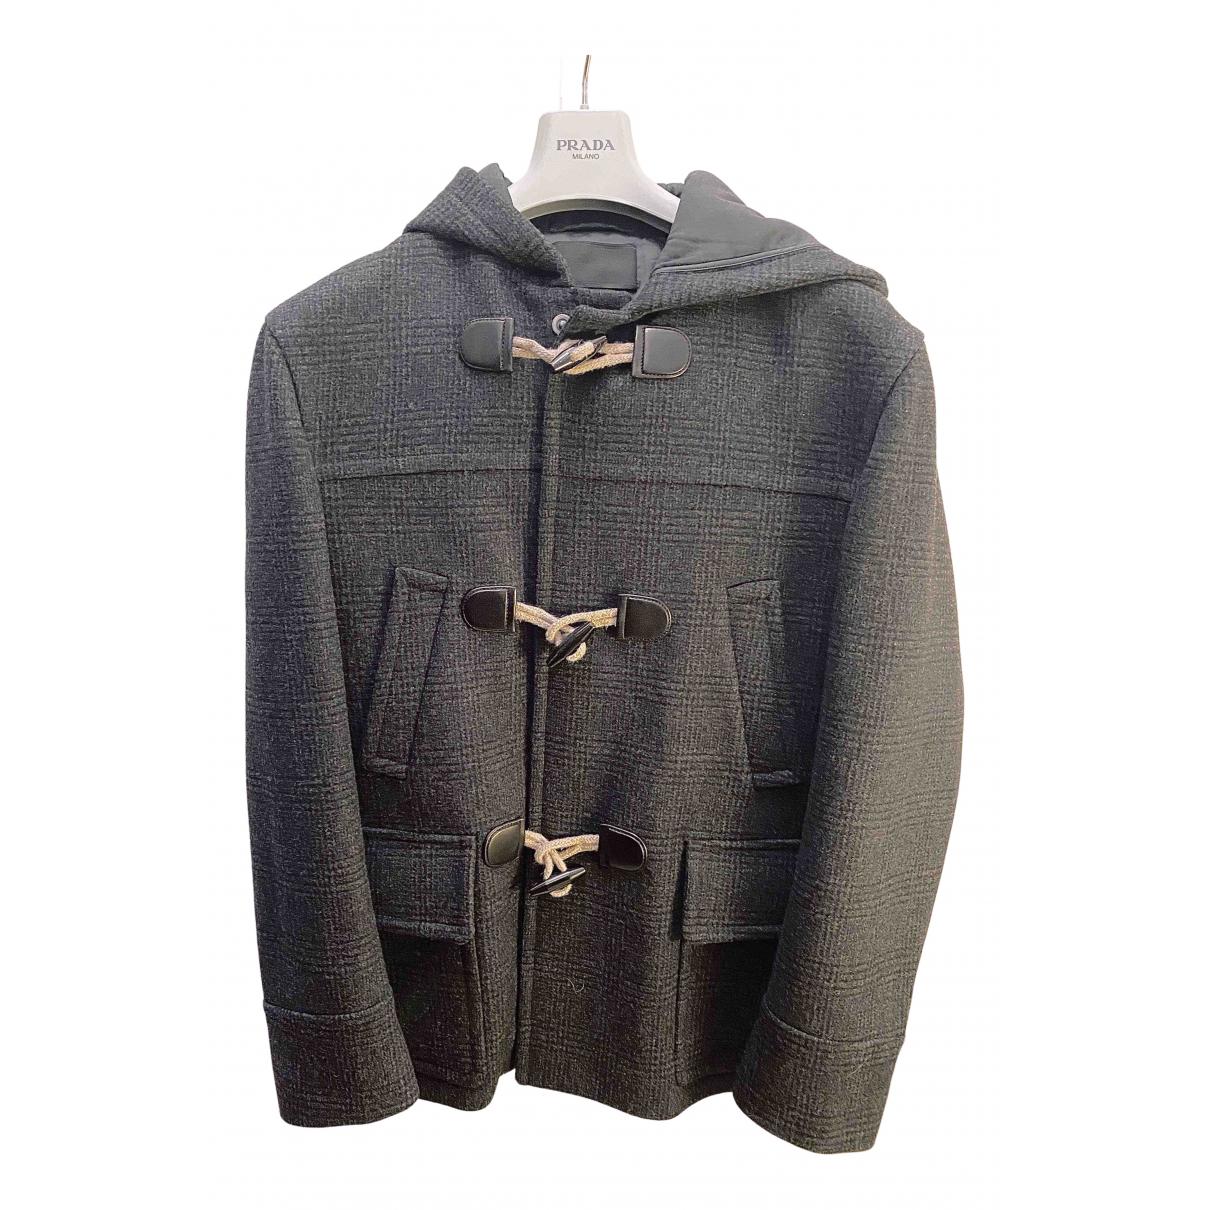 Prada - Manteau   pour homme en laine - gris